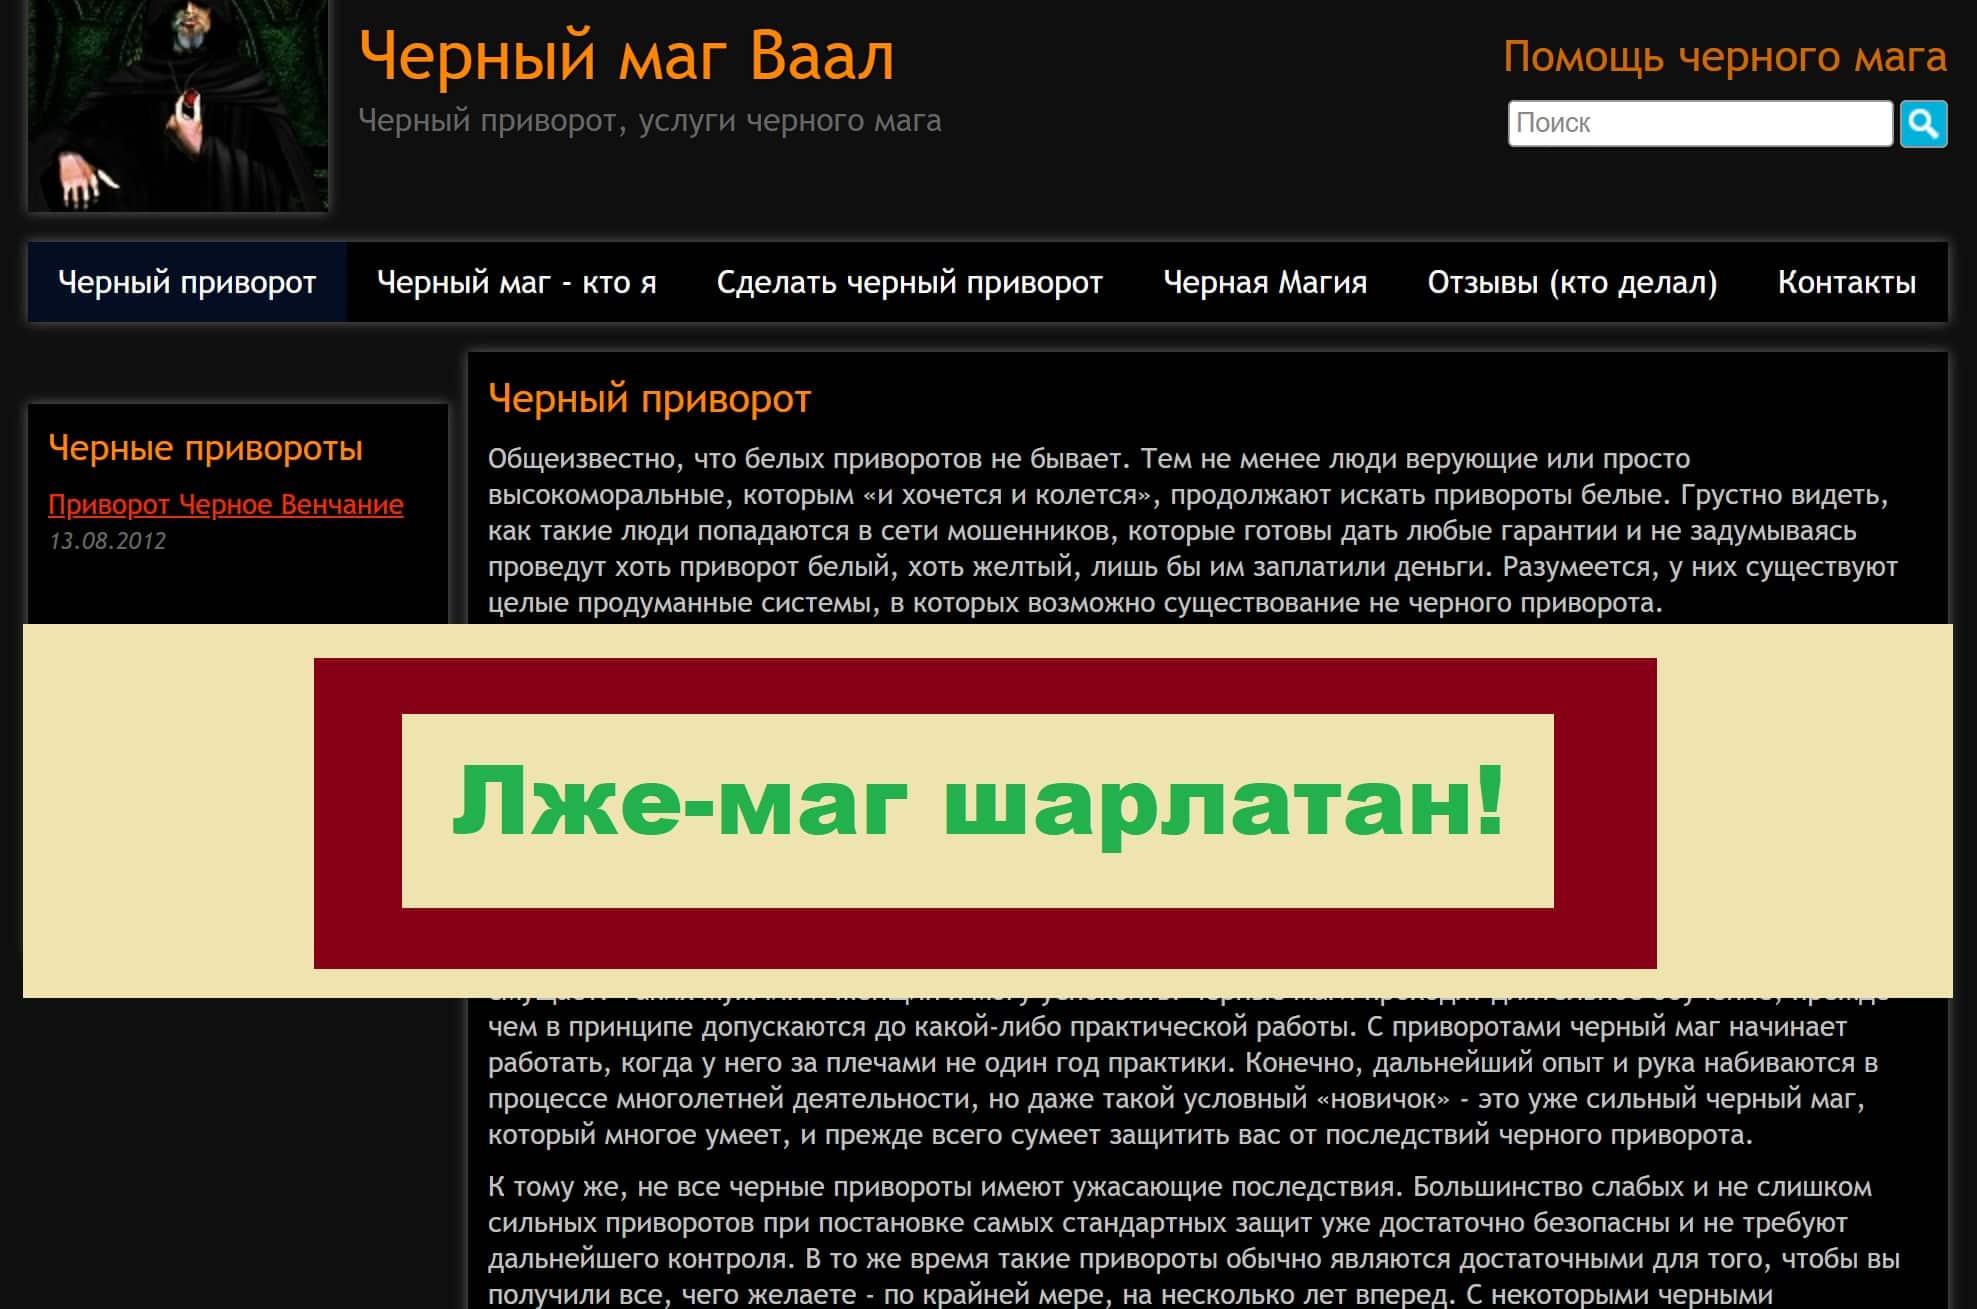 Колдун zanzi (znzi.ru)